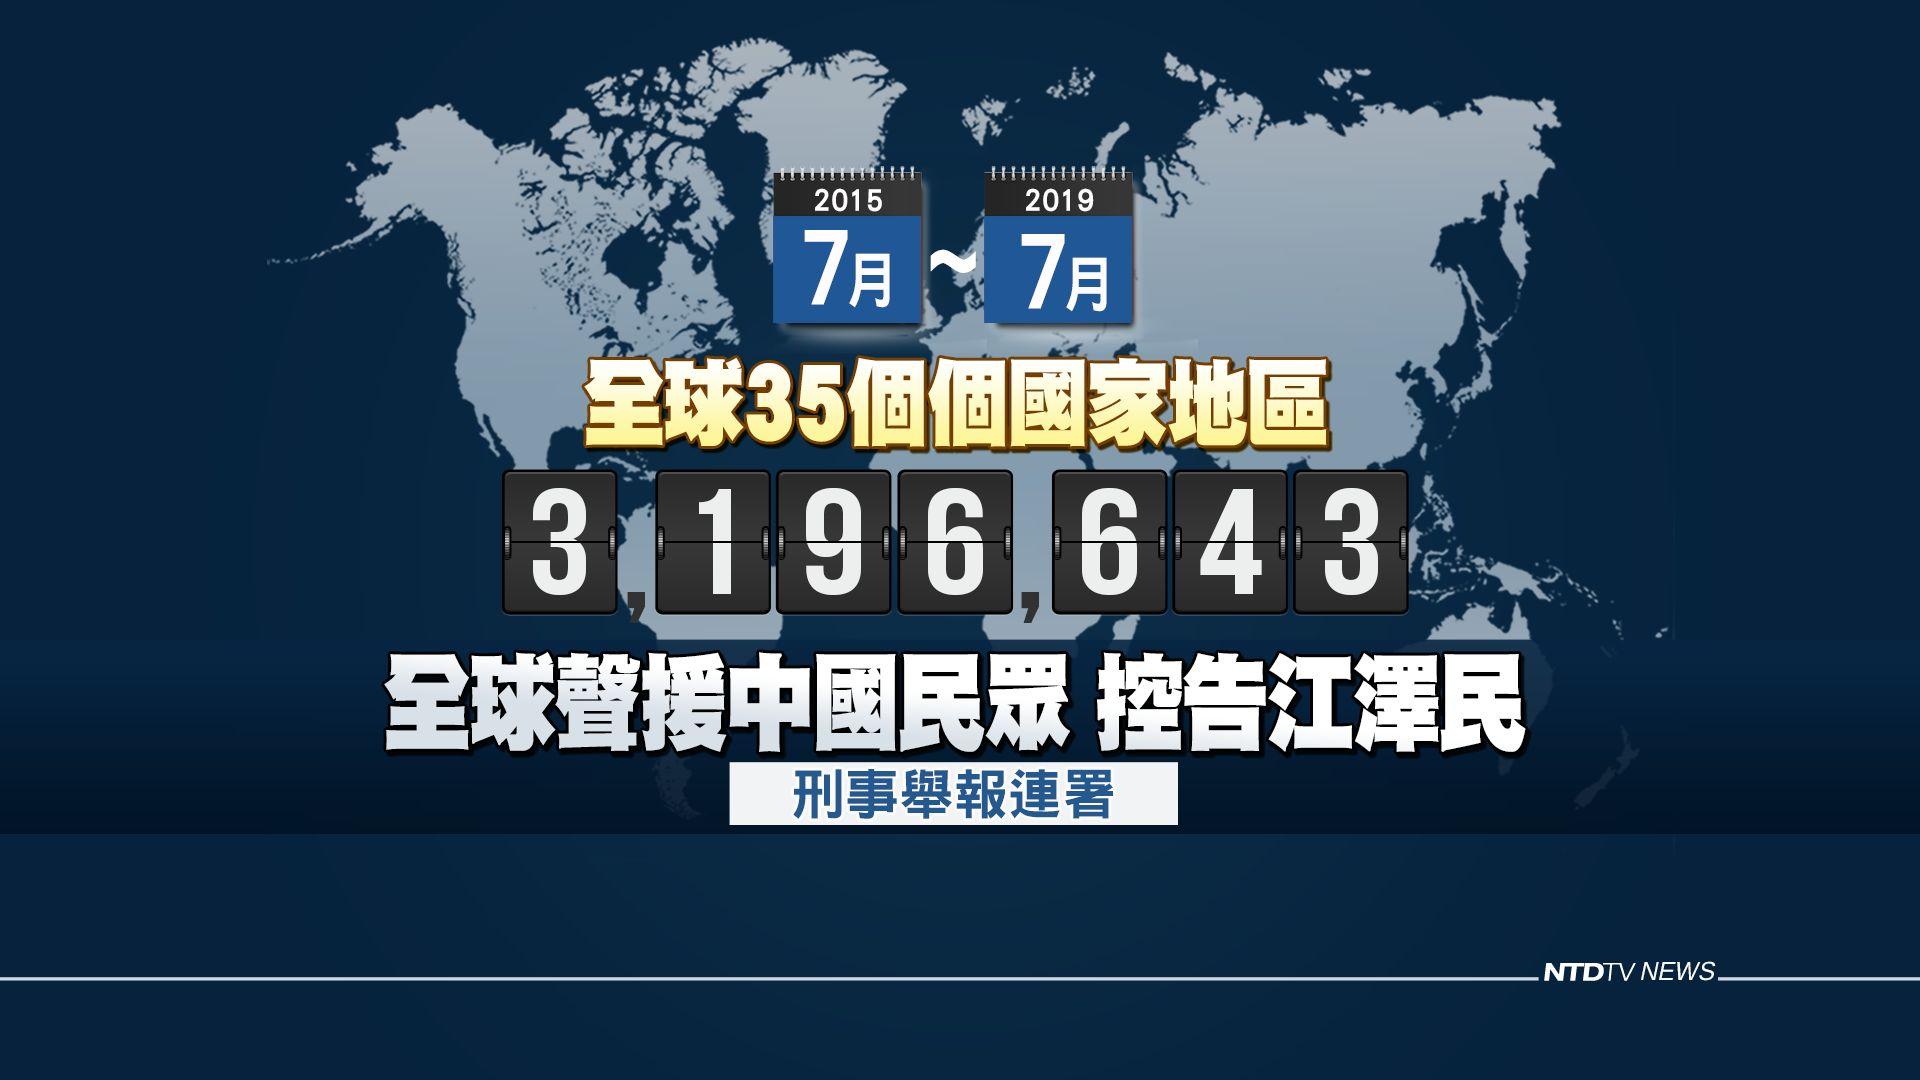 法辦元兇 全球320萬人舉報江澤民反人類罪